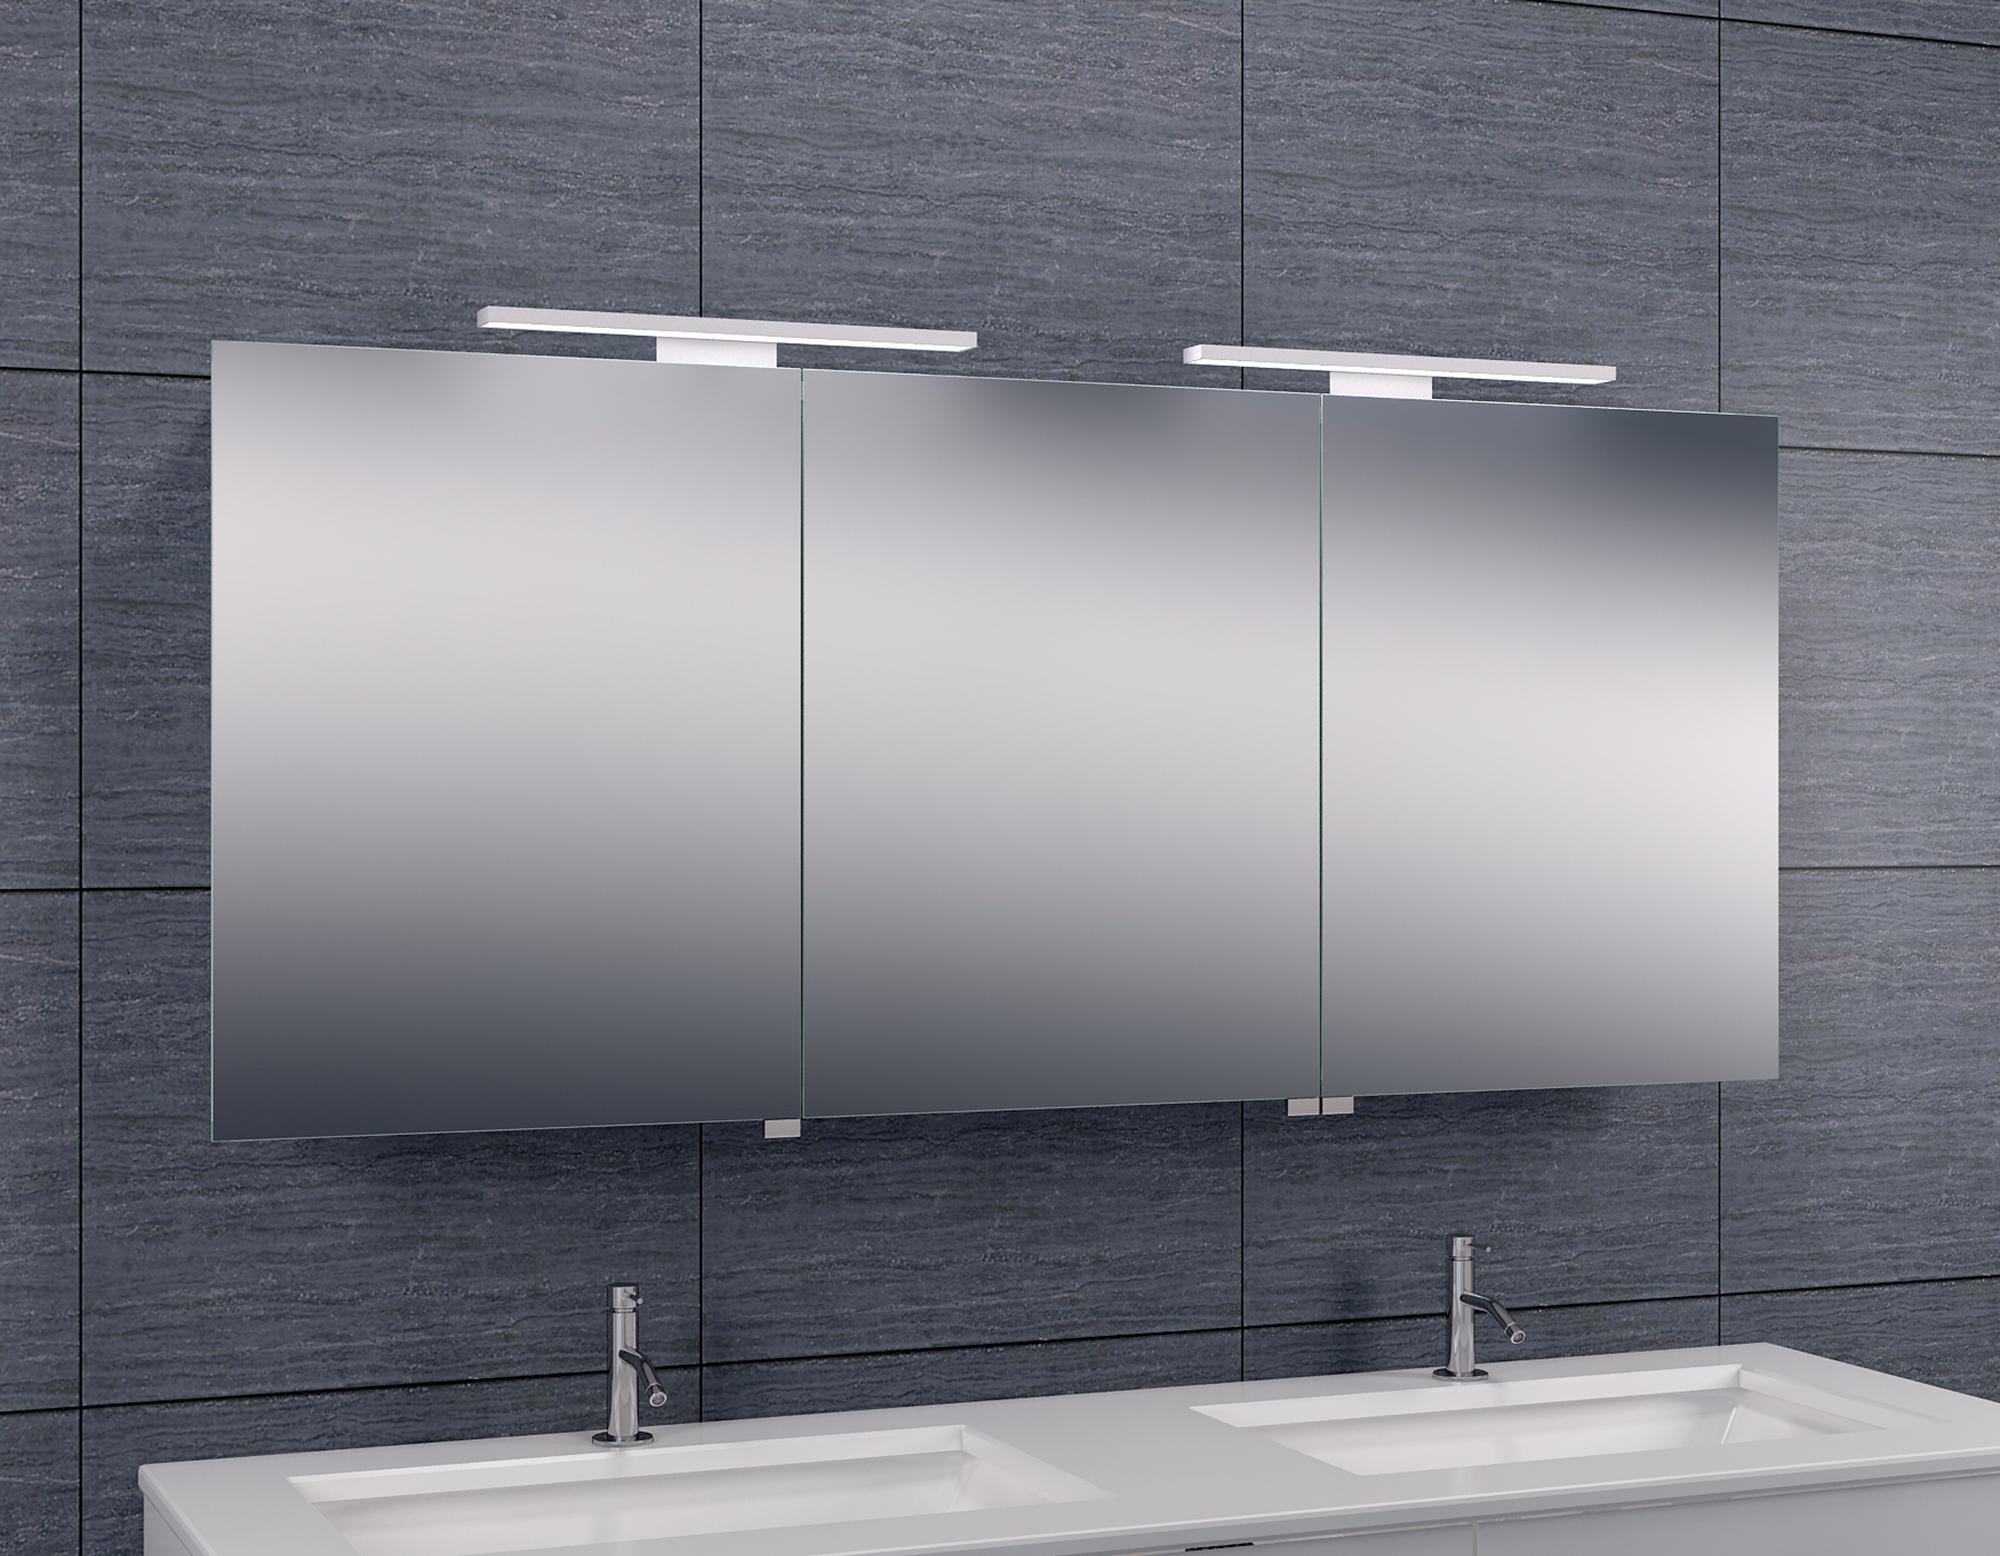 spiegelkast 100 cm met verlichting kopen online